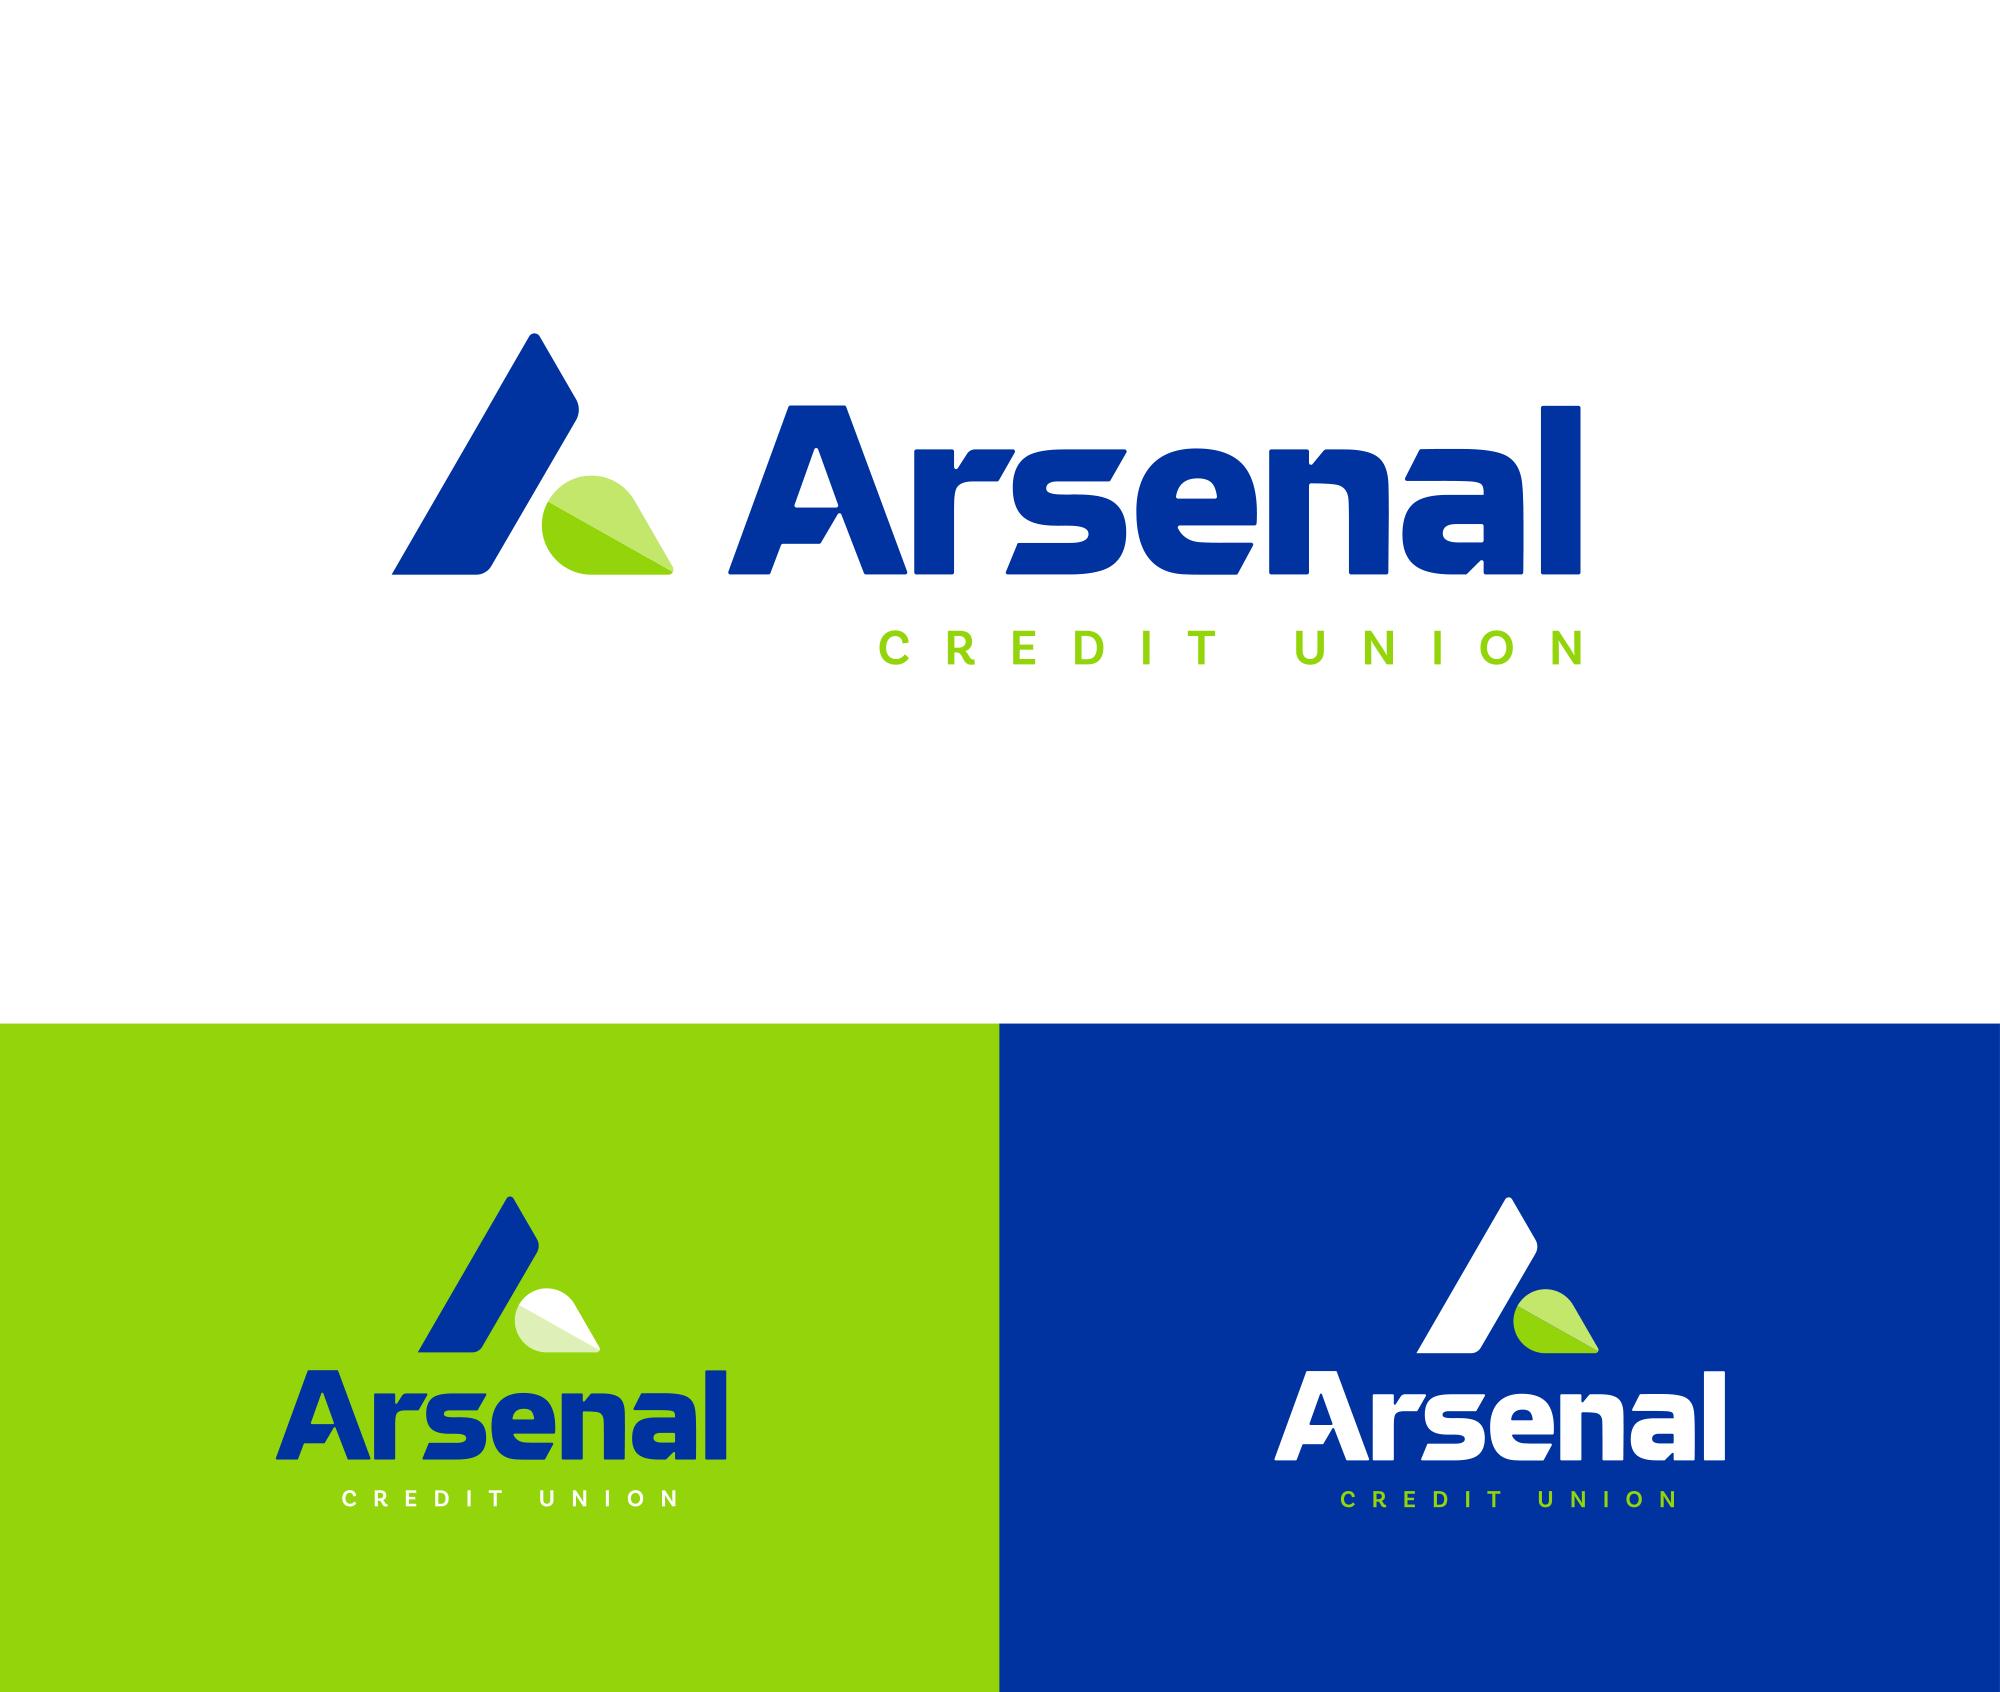 arsenal logos branding